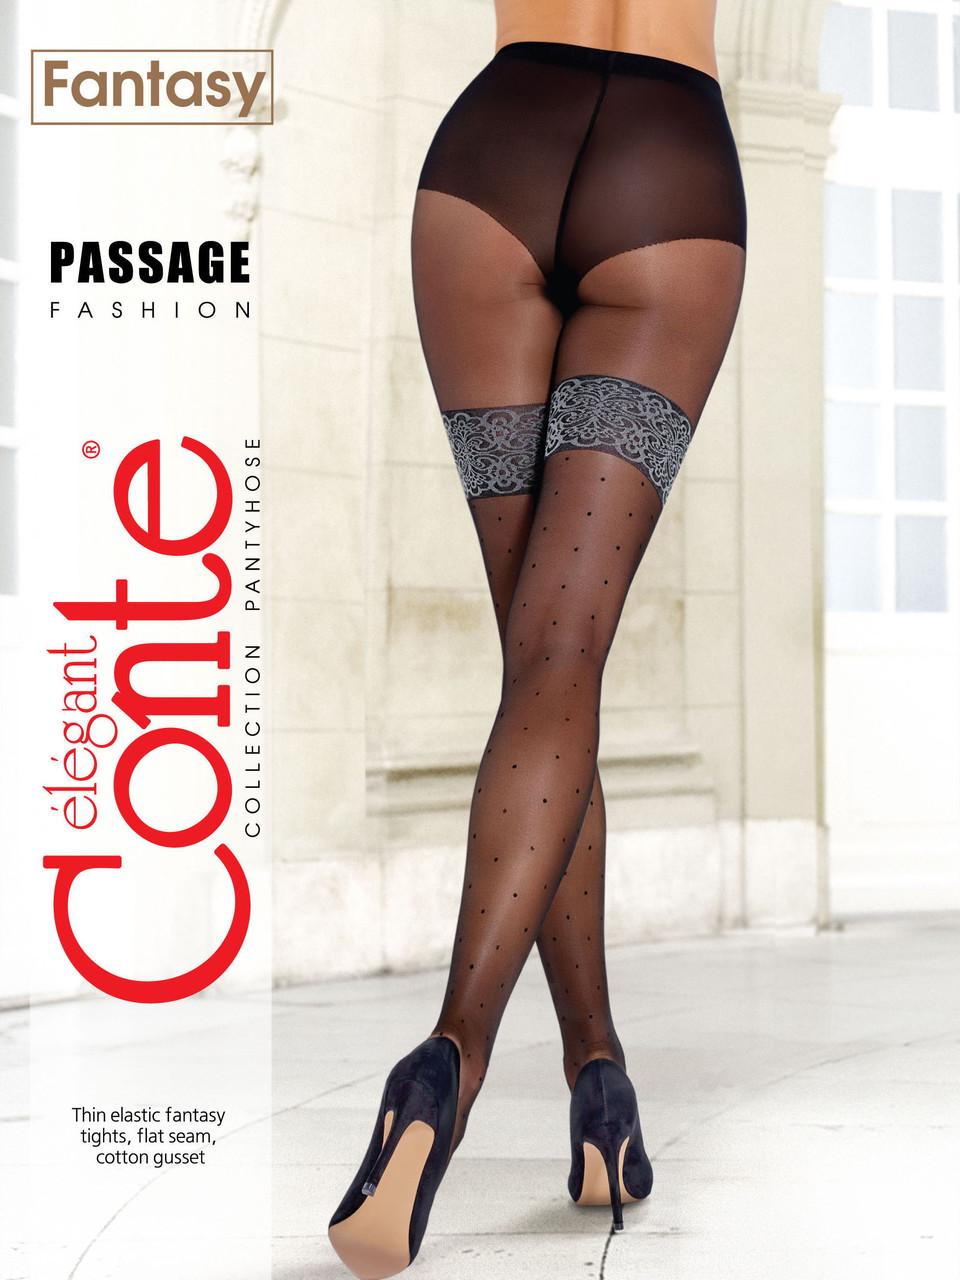 Conte fantasy passage жіночі колготки з імітацією ажурних панчіх в горошок чорні 20 den